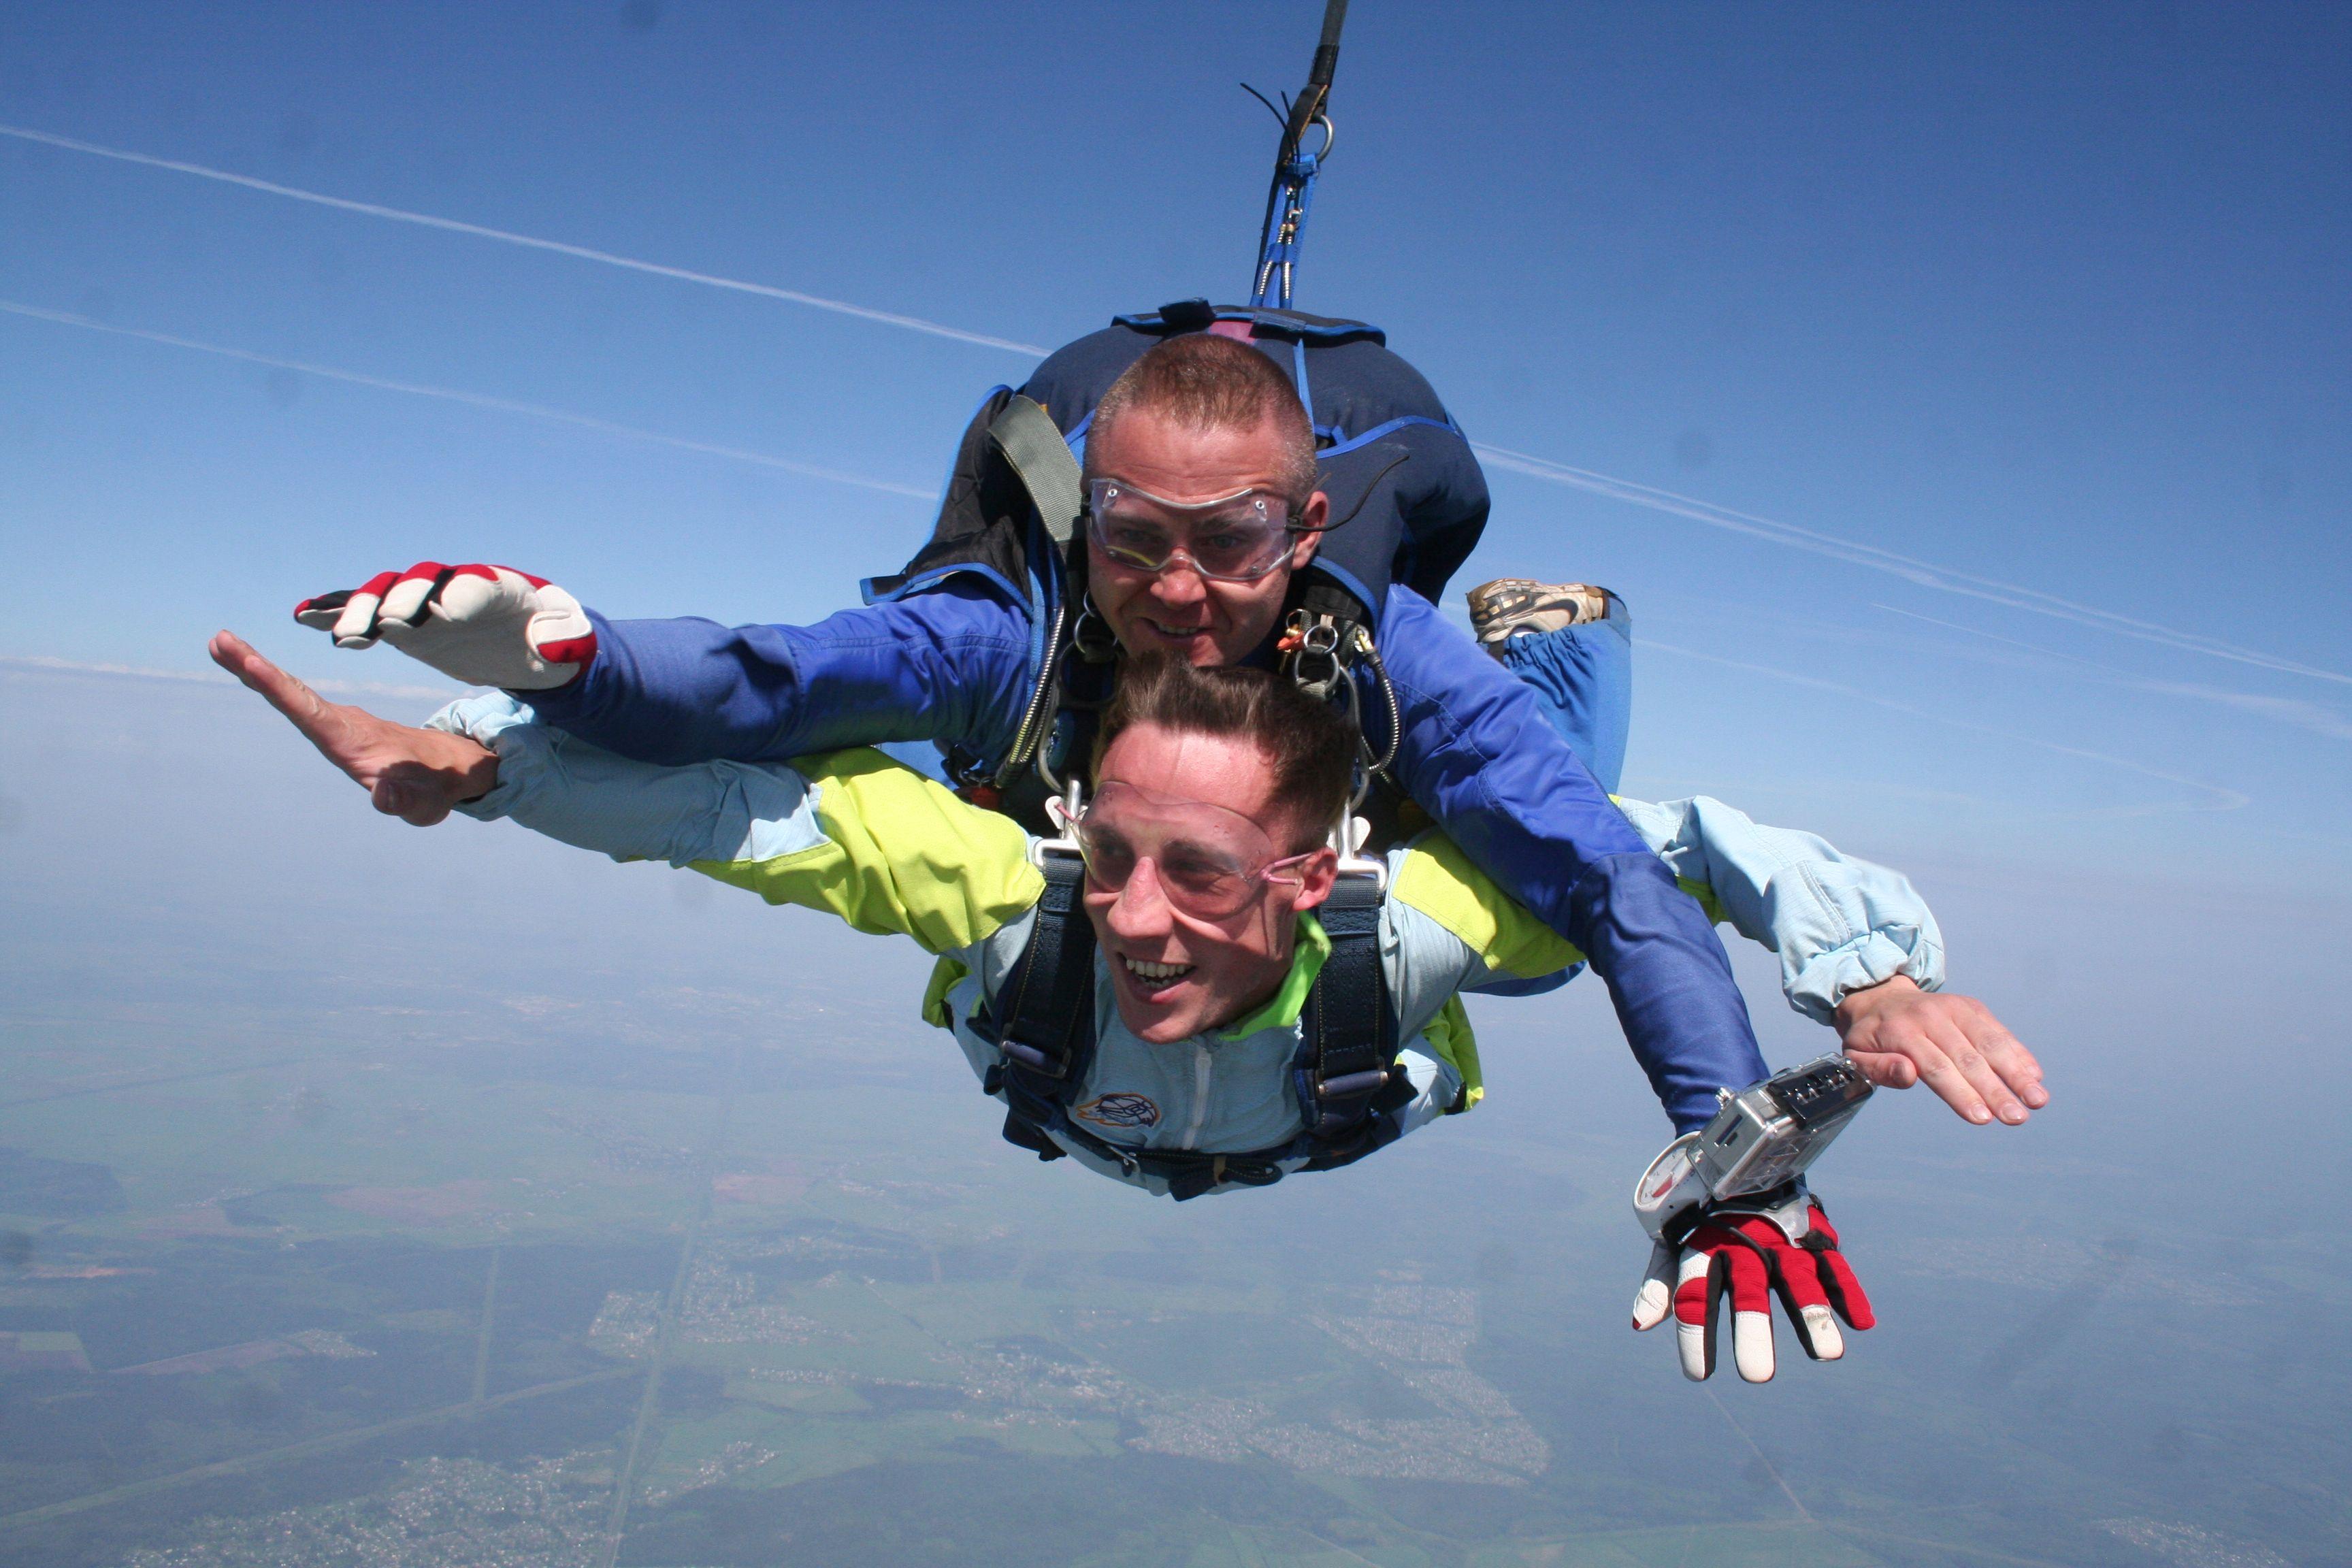 это парашютные прыжки фотографии в хорошем качестве приглашают всевозможные